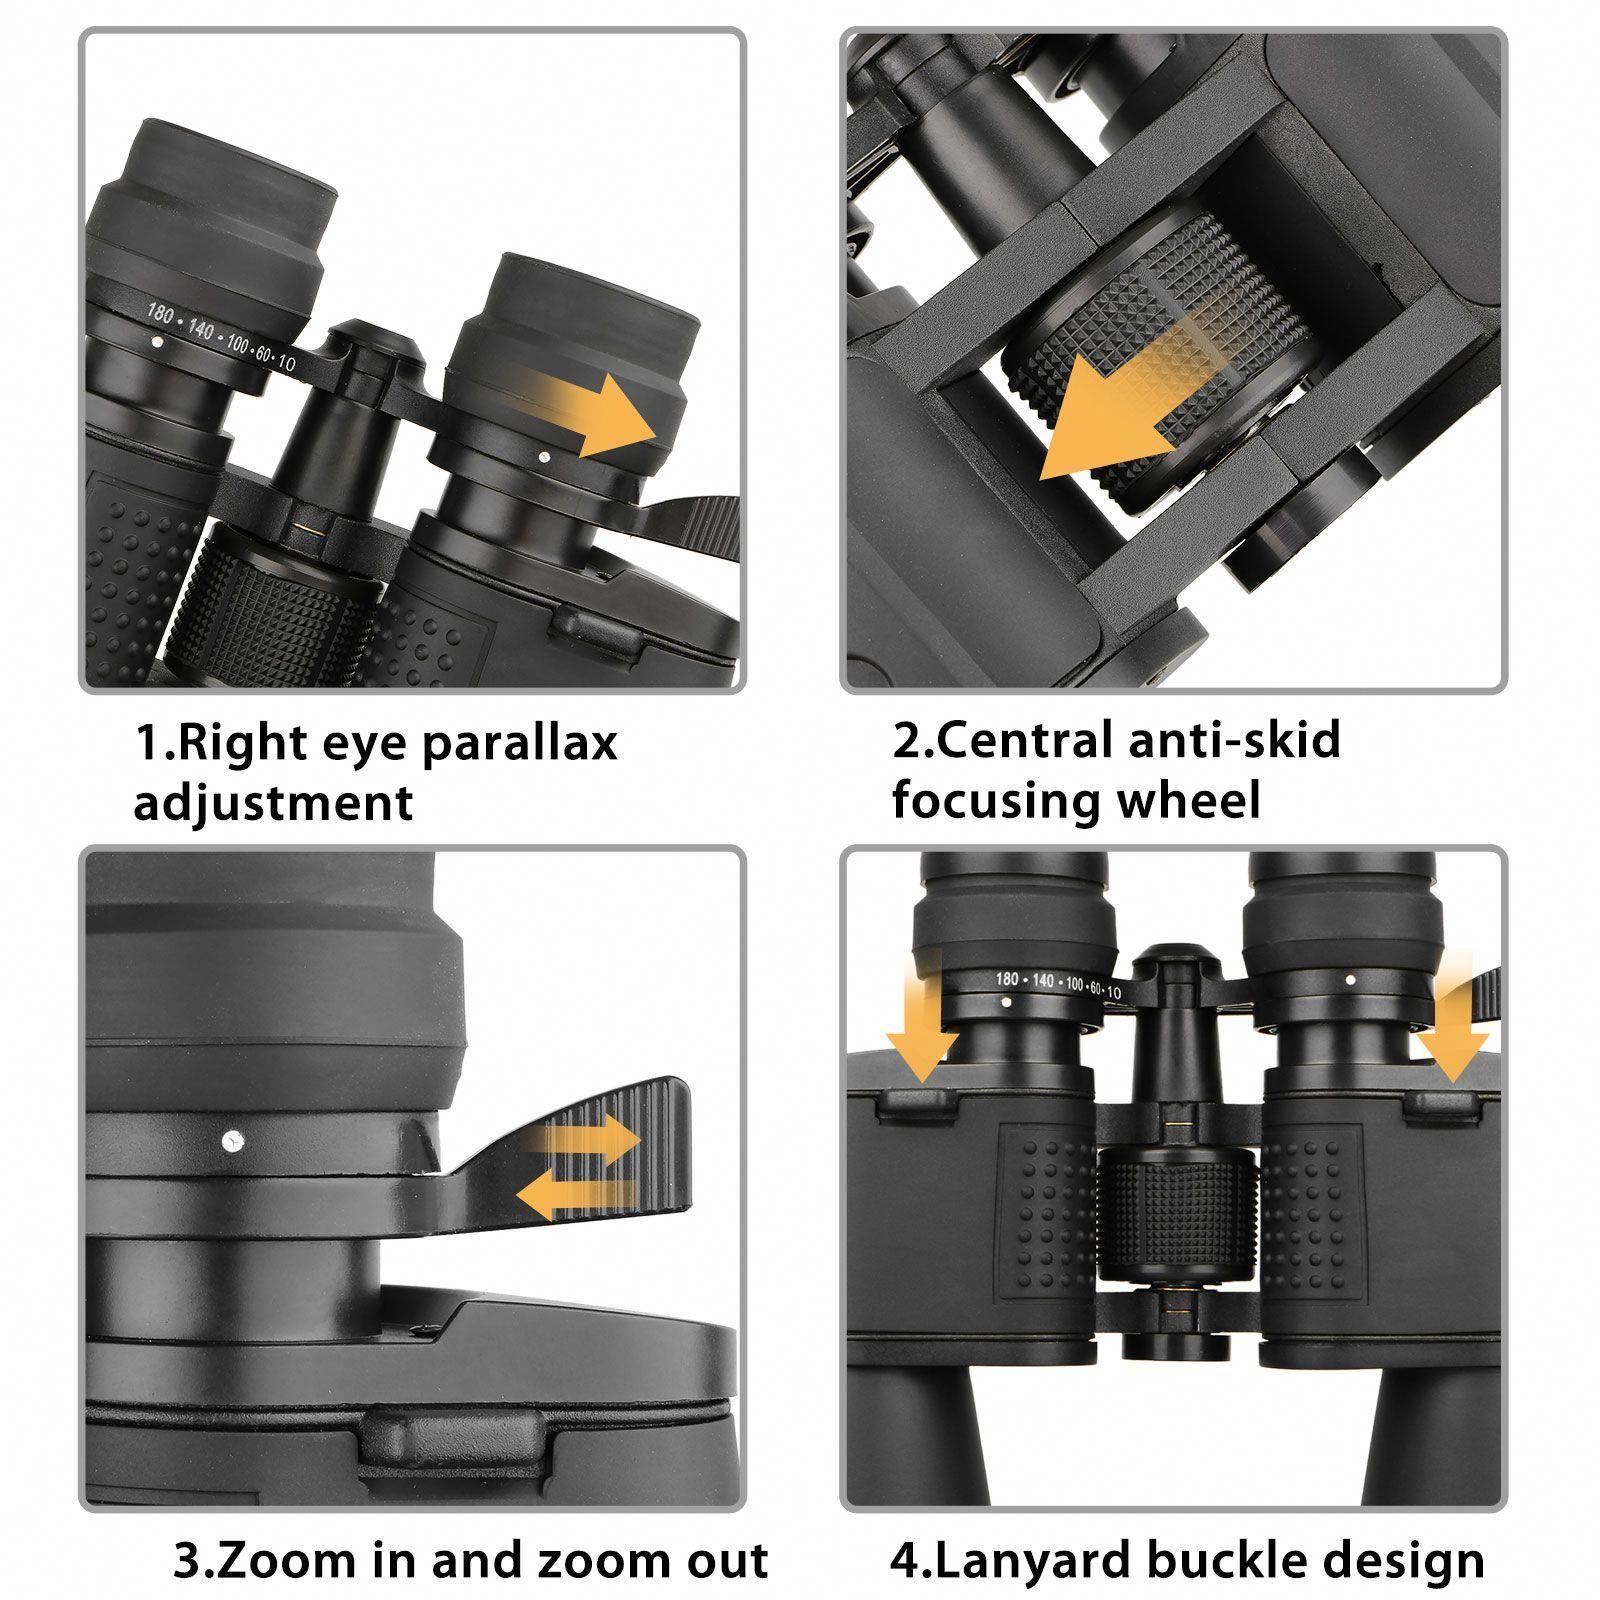 EEEKit Quick Focus Binoculars 180x100 Zoom Day Waterproof Wide Angle Telescope with Low Night View for Outdoor Traveling Bird Watching Great Present